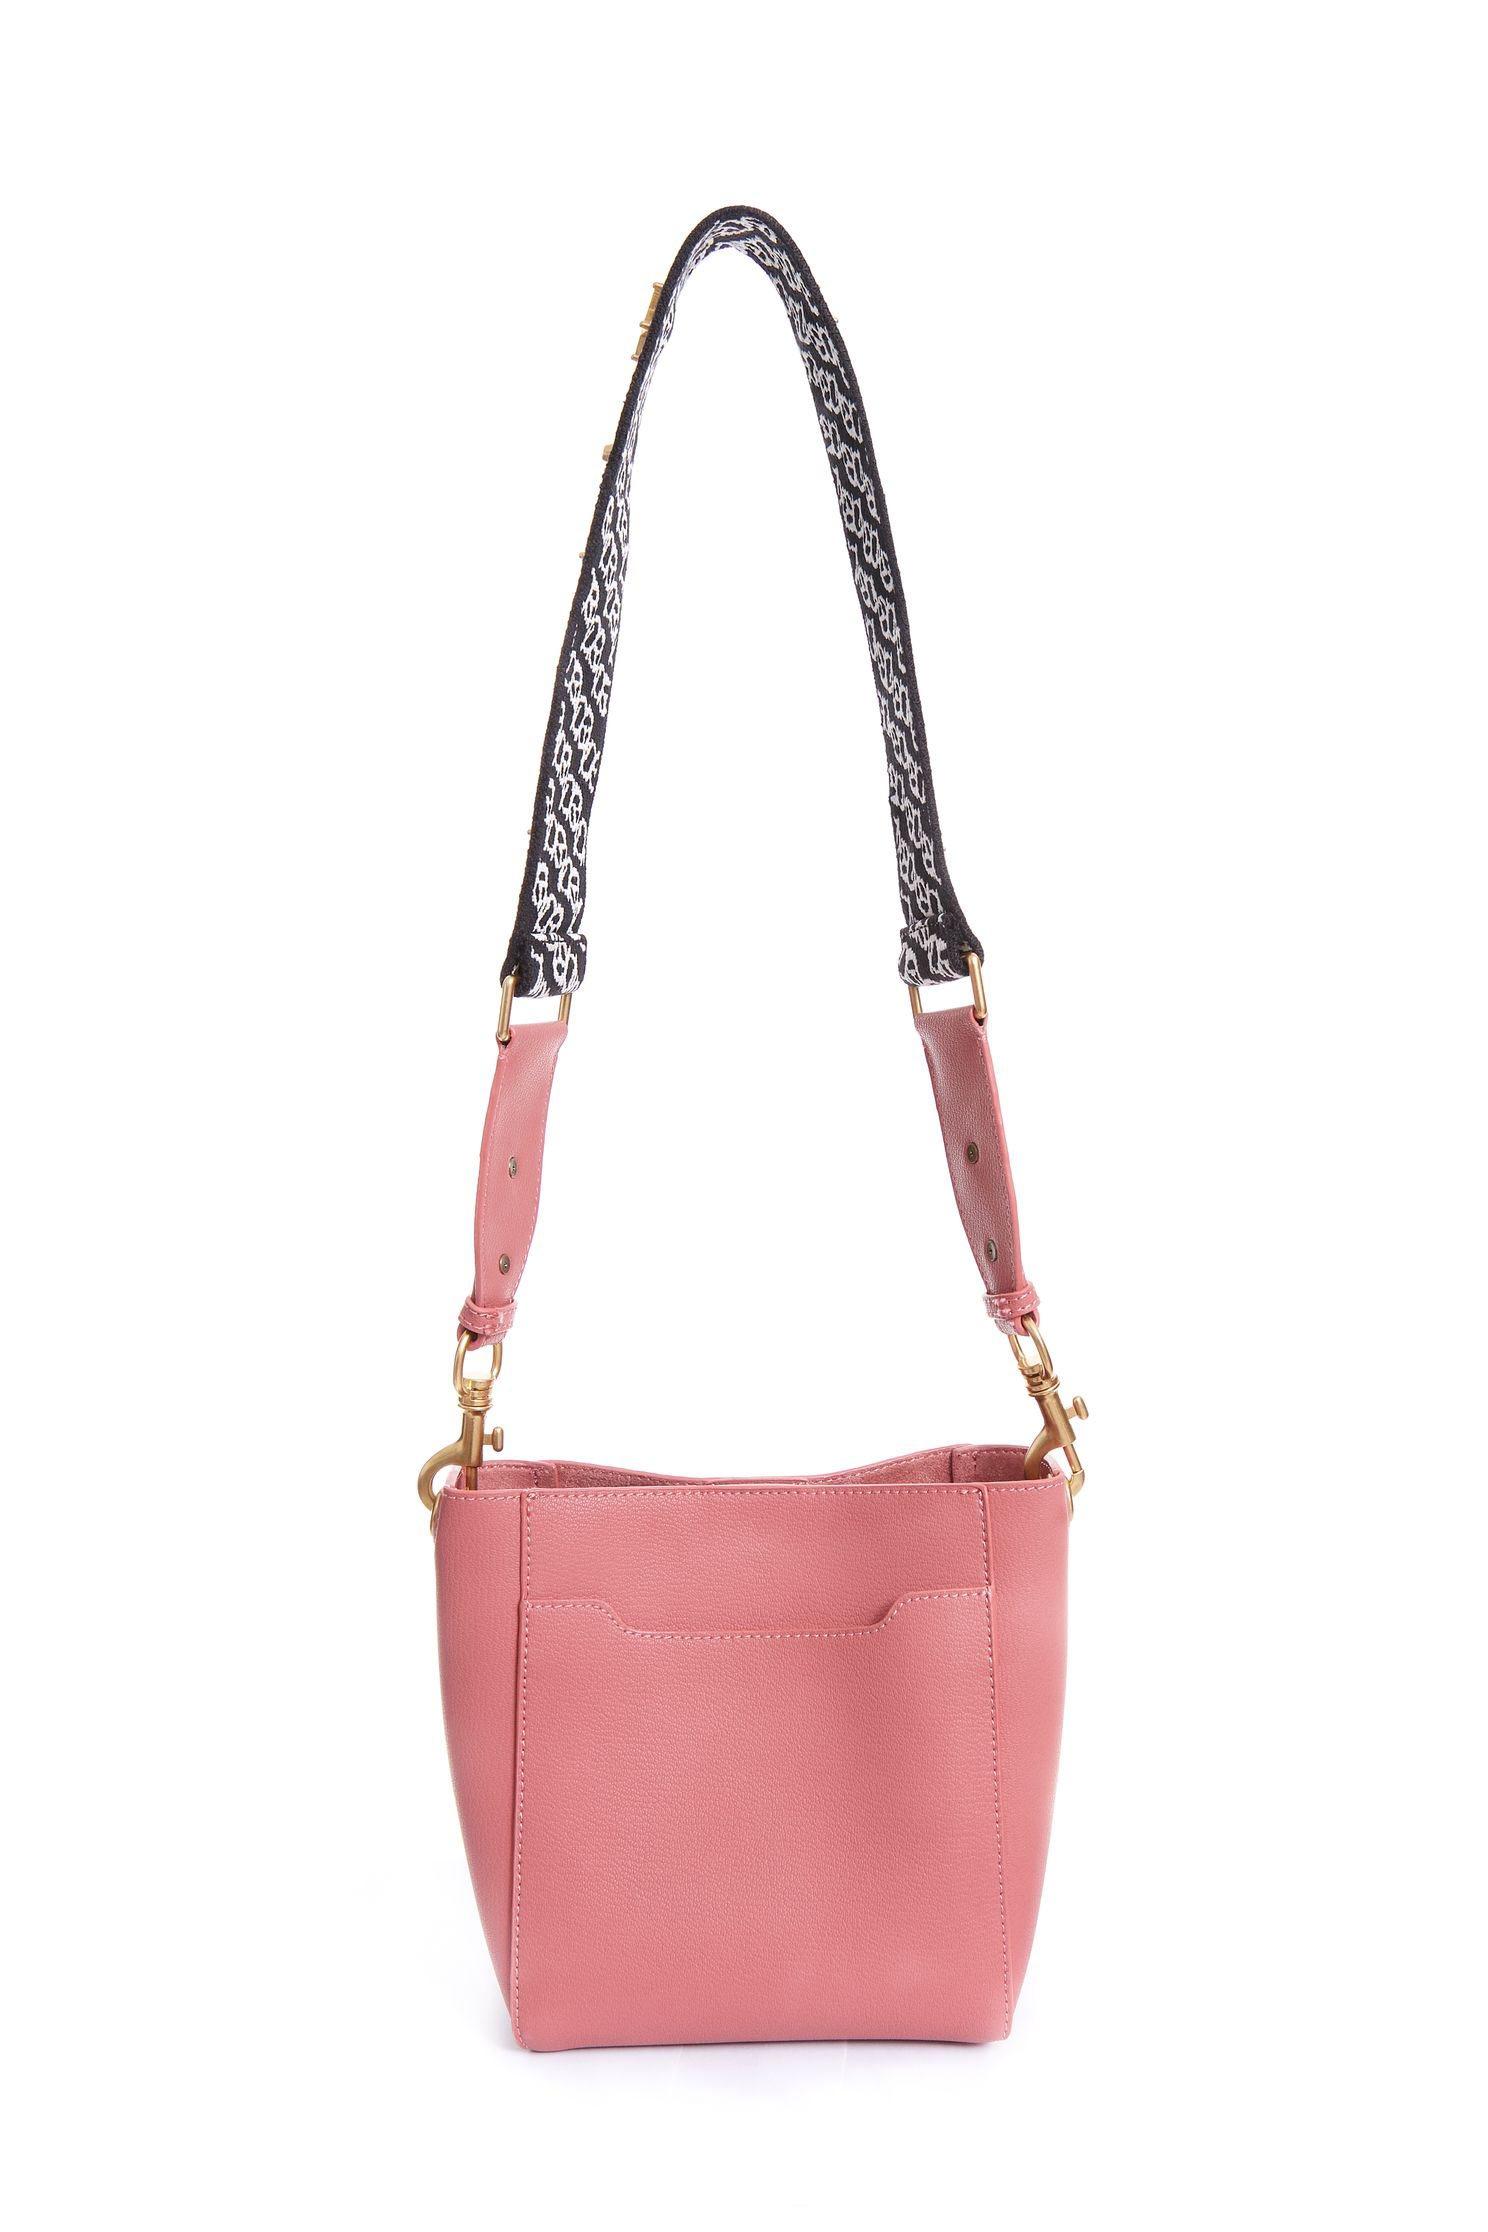 Star badge lift-up strap cowhide bag,slingbag,i-select,shoulderbag